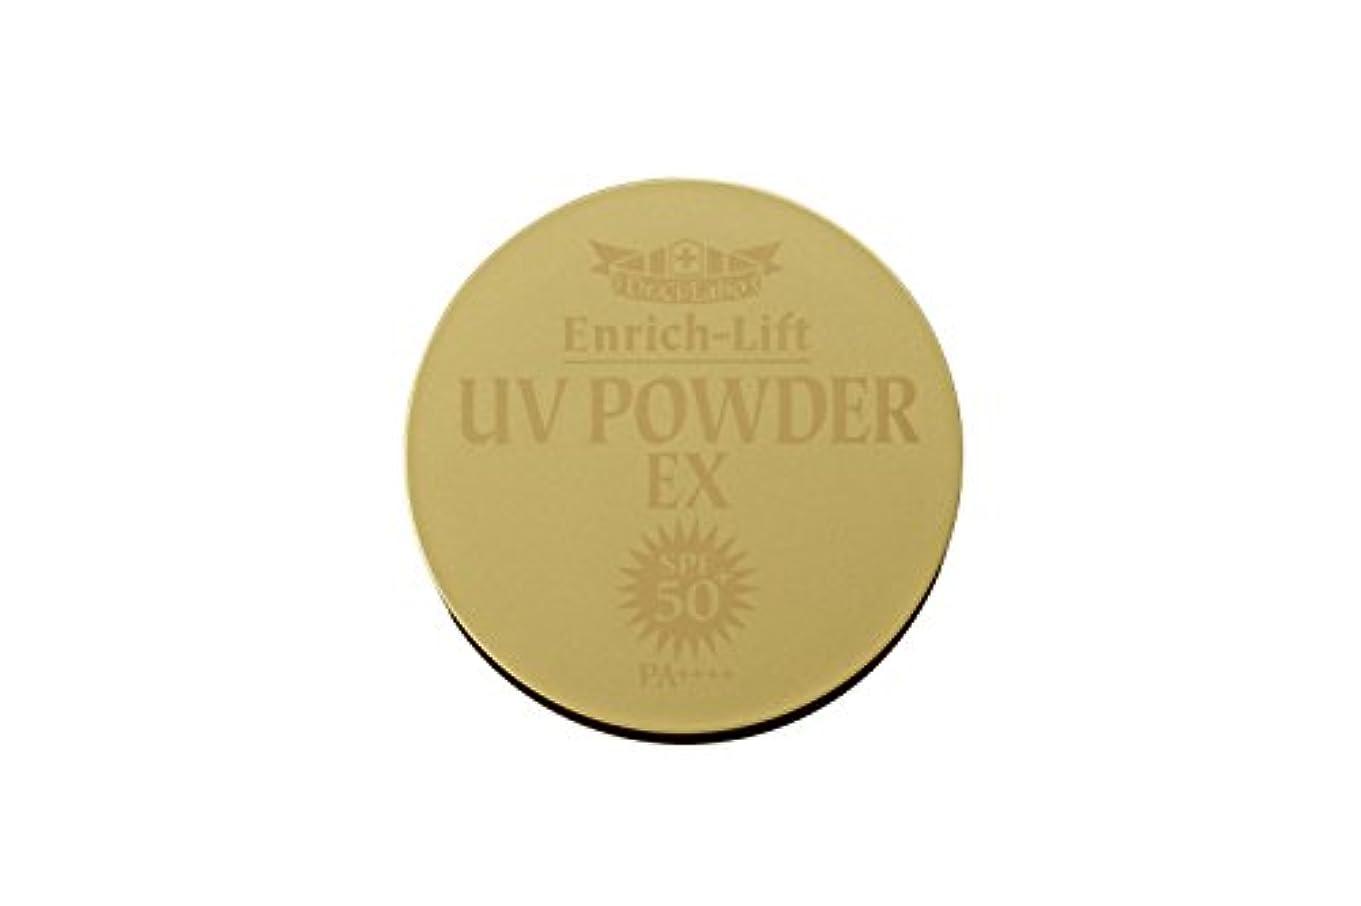 医薬検閲手ドクターシーラボ エンリッチリフト UVパウダー EX50+ 日焼け止め ルーセントパウダー